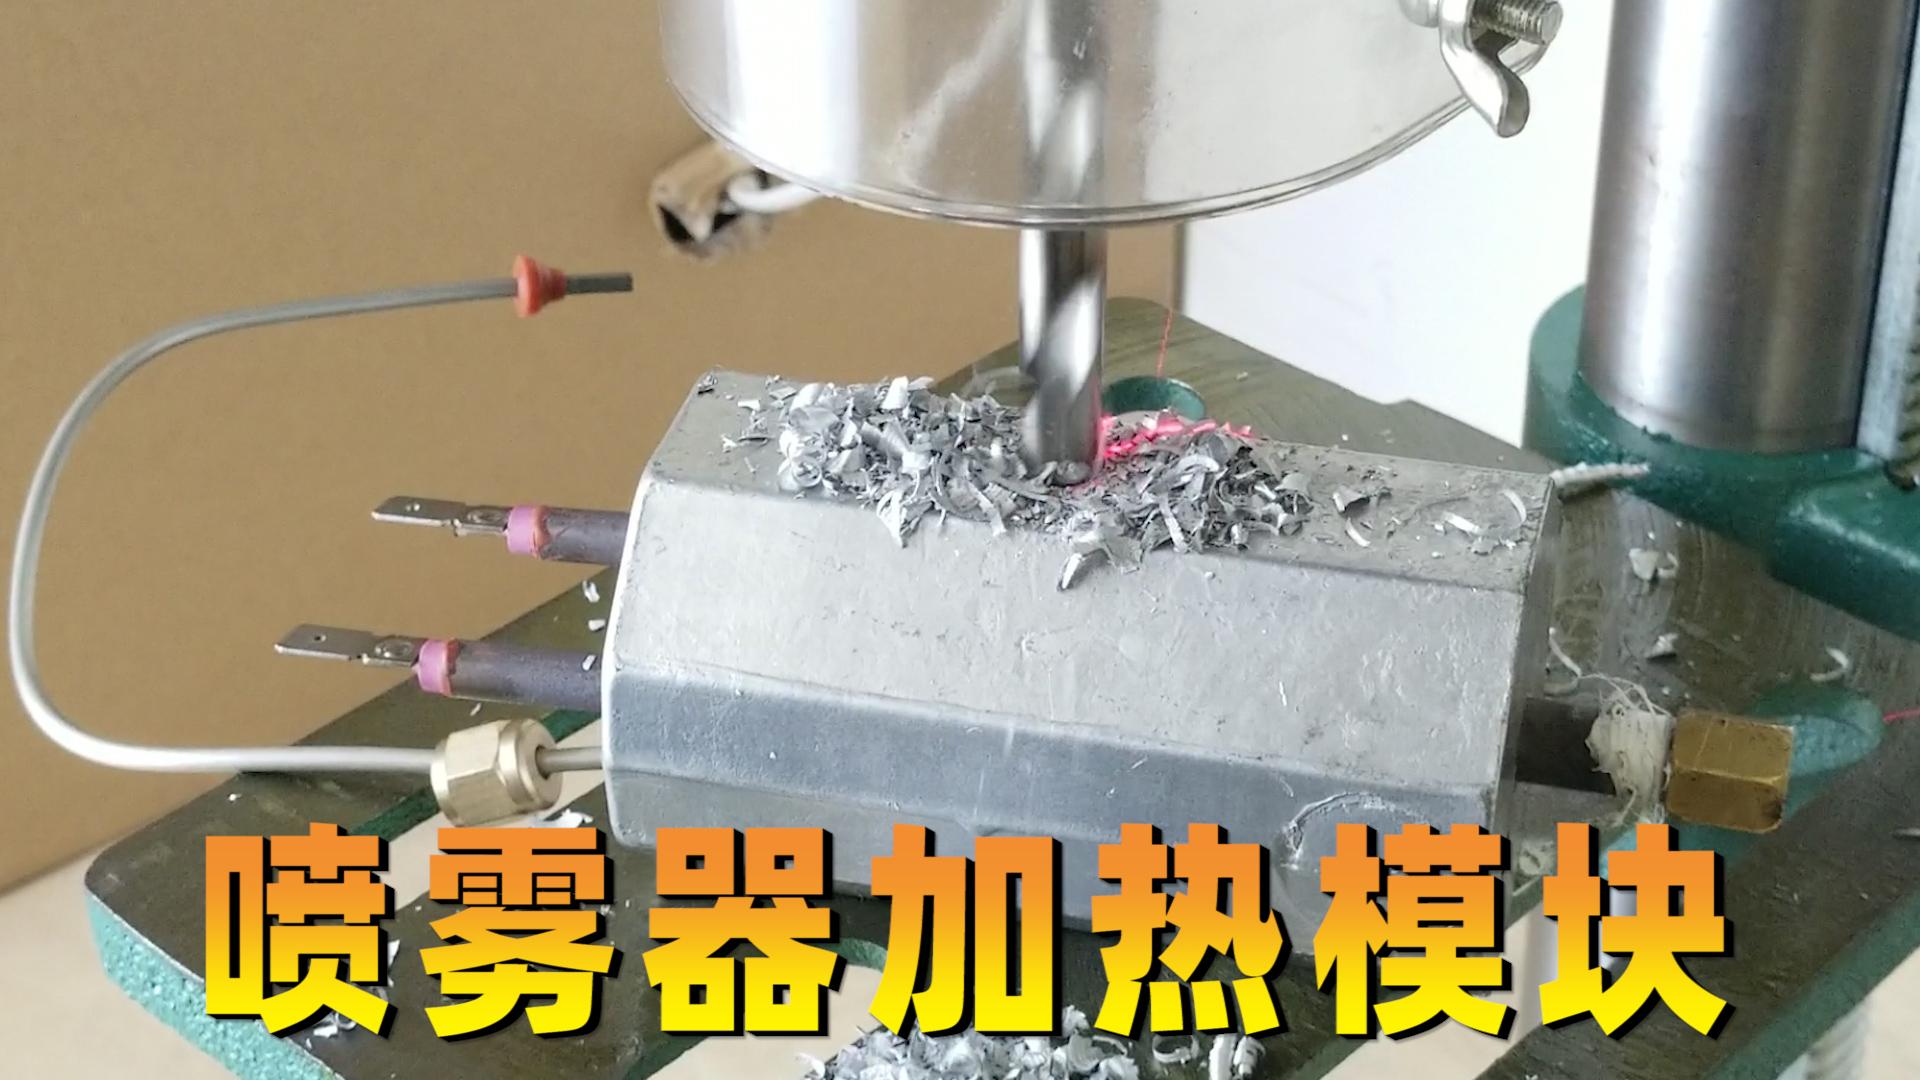 说到做到,拆喷雾器加热模块,就算再结实也要想办法把它搞开